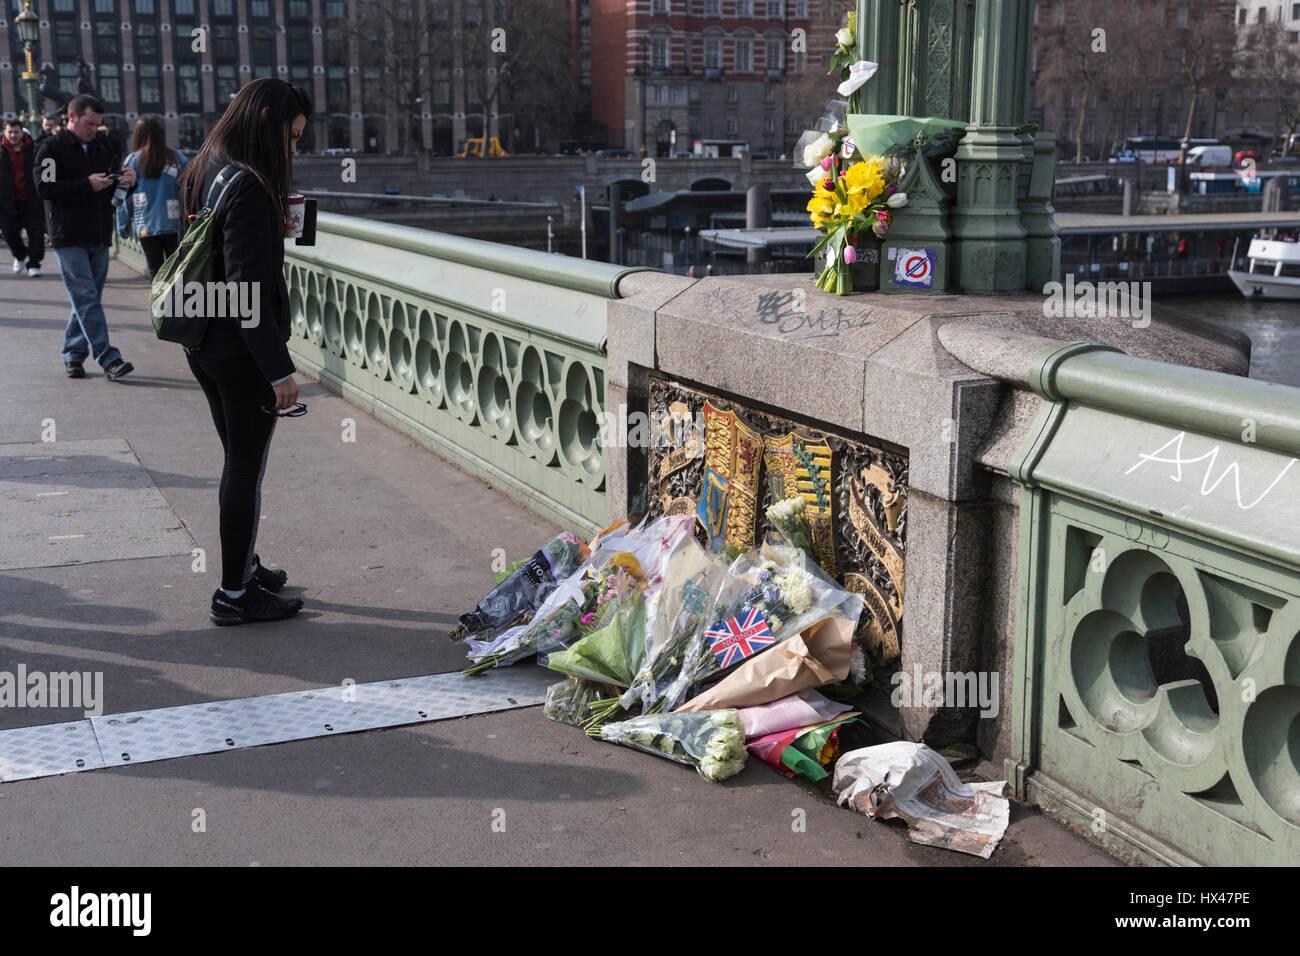 Londres, Reino Unido. 24 Mar, 2017. Los londinenses dejar homenajes florales para las víctimas del ataque terrorista en Westminster Bridge. Crédito: Bettina Strenske/Alamy Live News Foto de stock